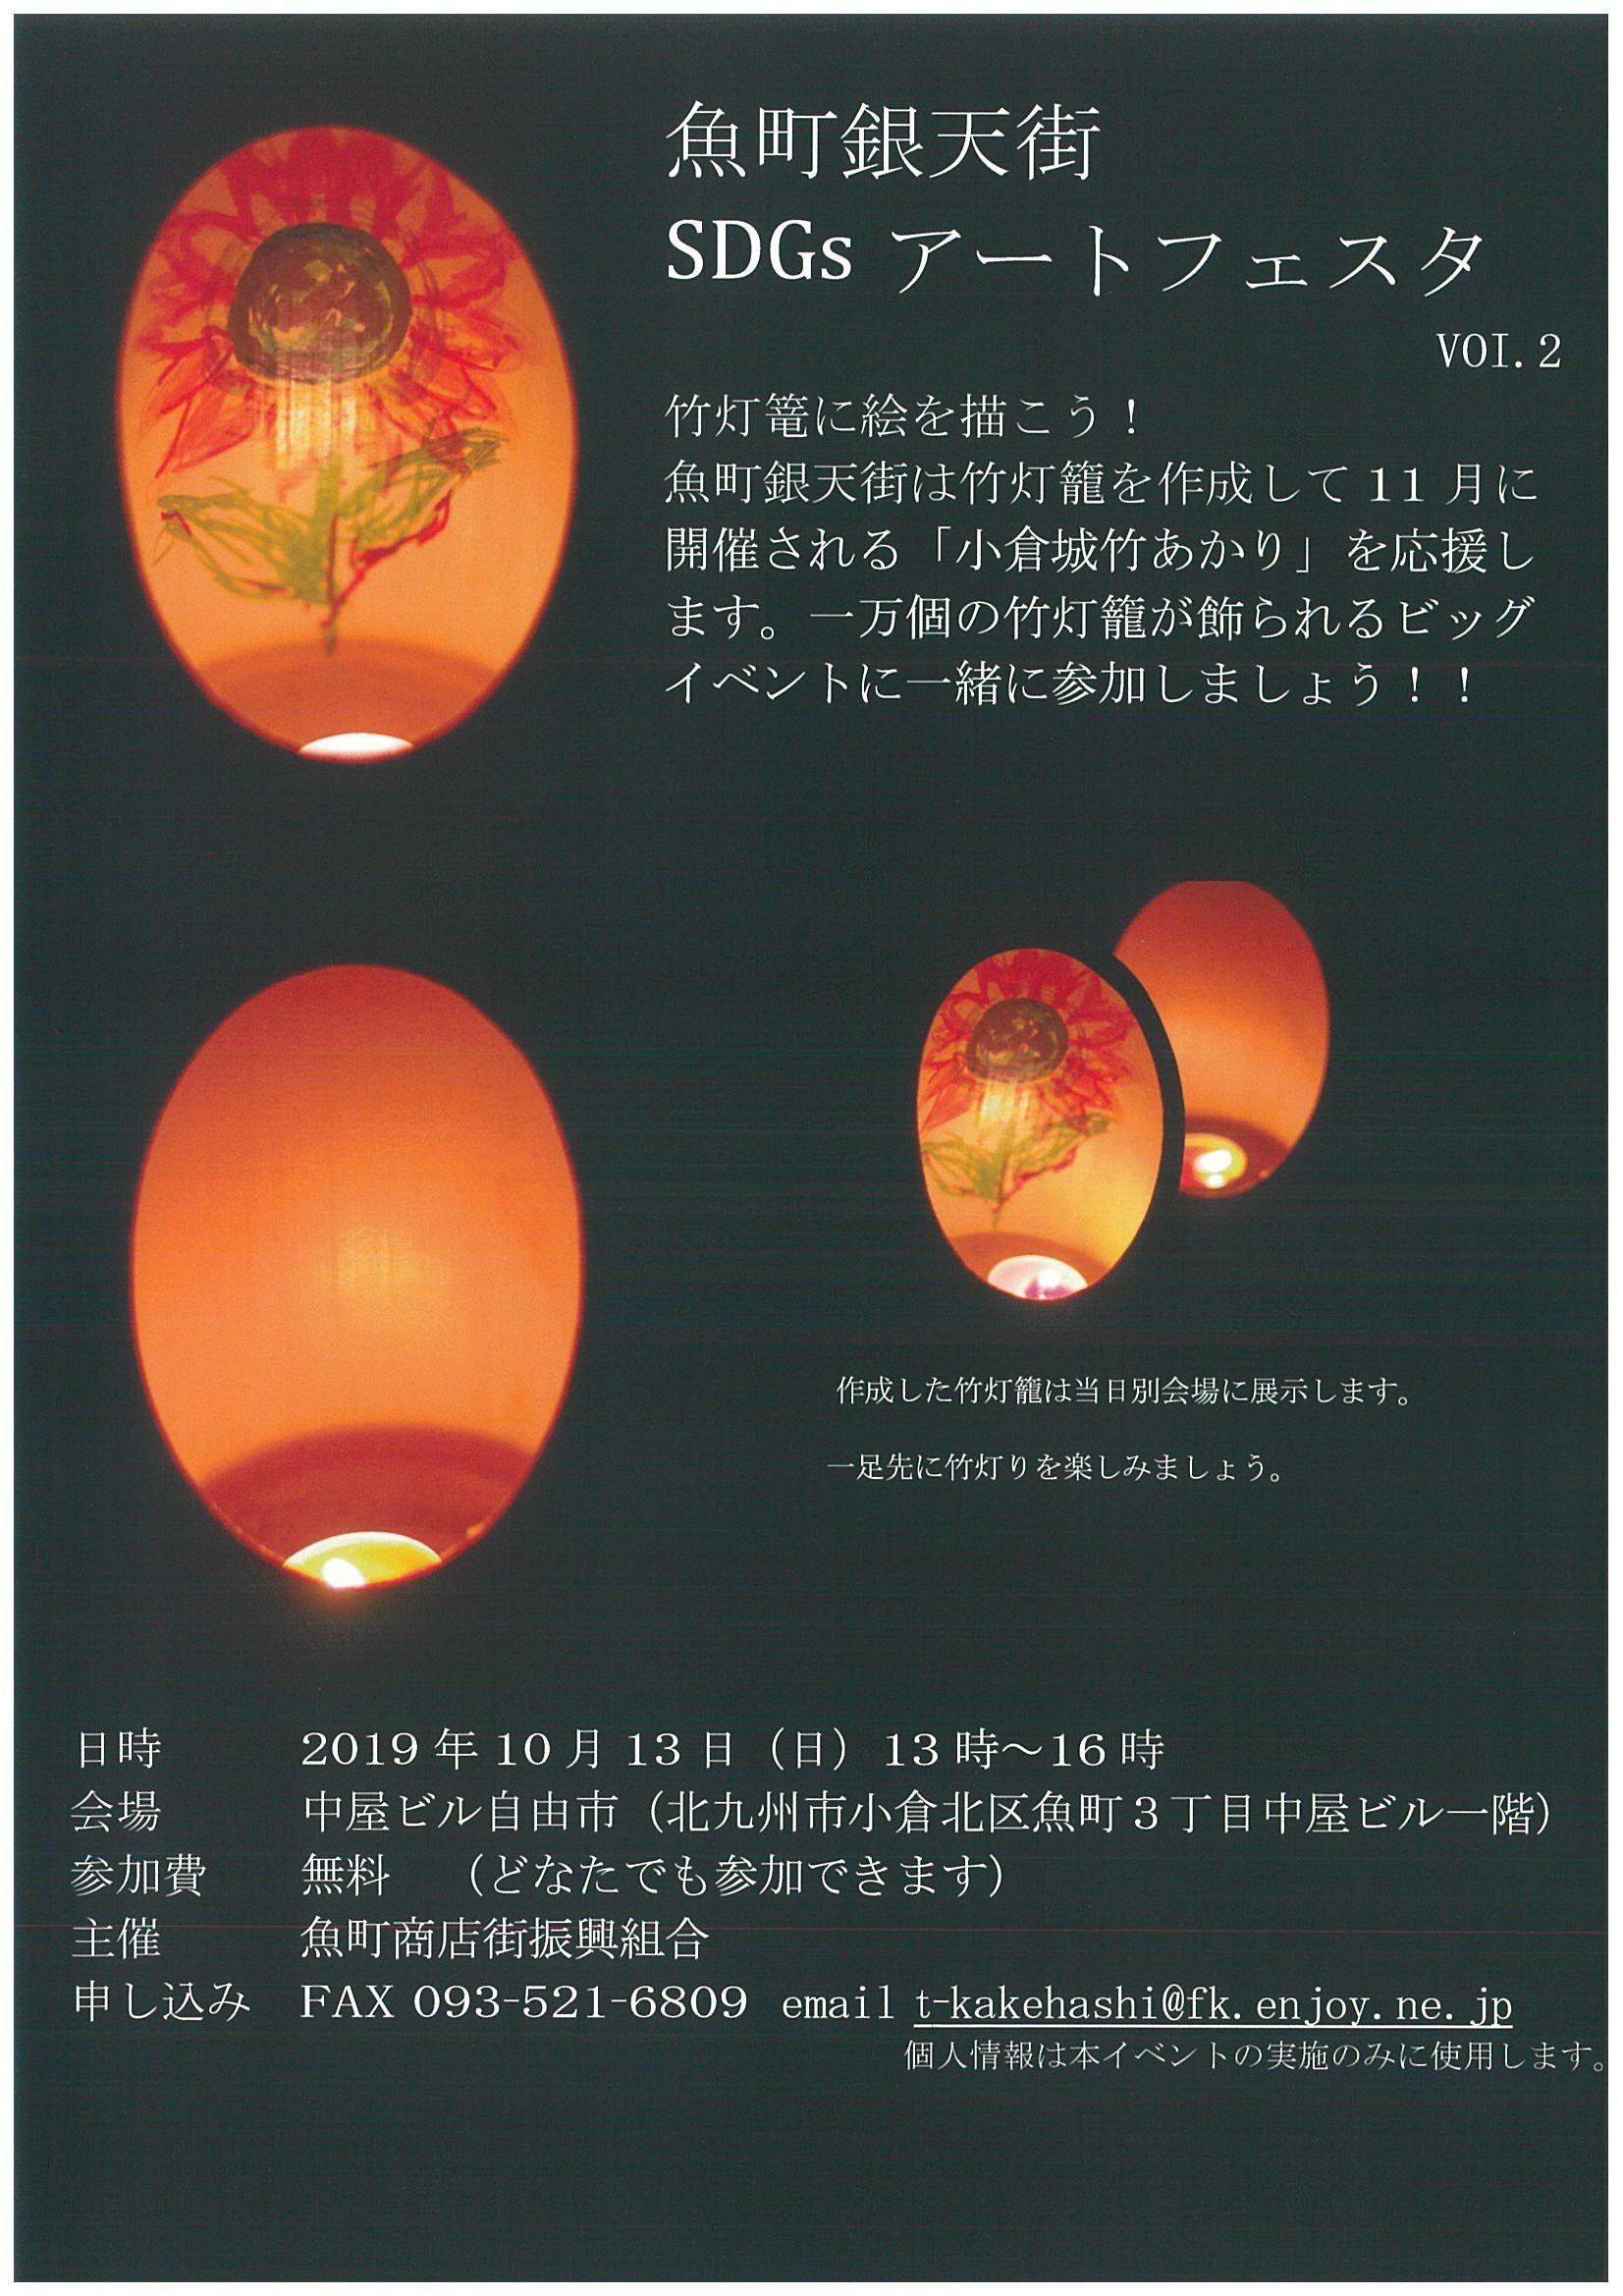 魚町銀天街アートフェスタVOL2-1